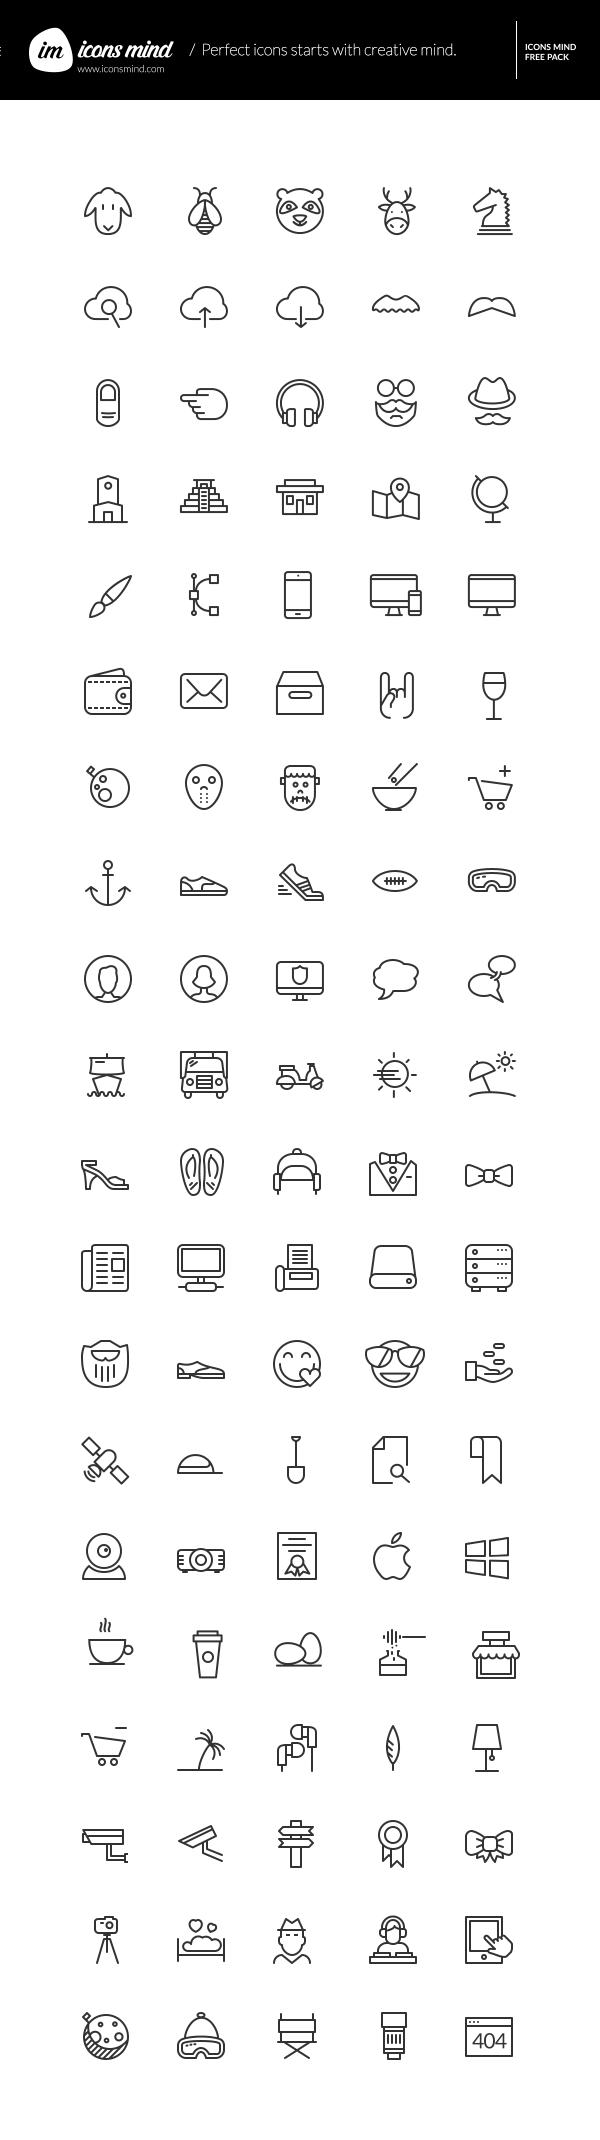 귀여운 느낌의 100 가지 벡터 아이콘 - 100 Free Vector Cute Icons